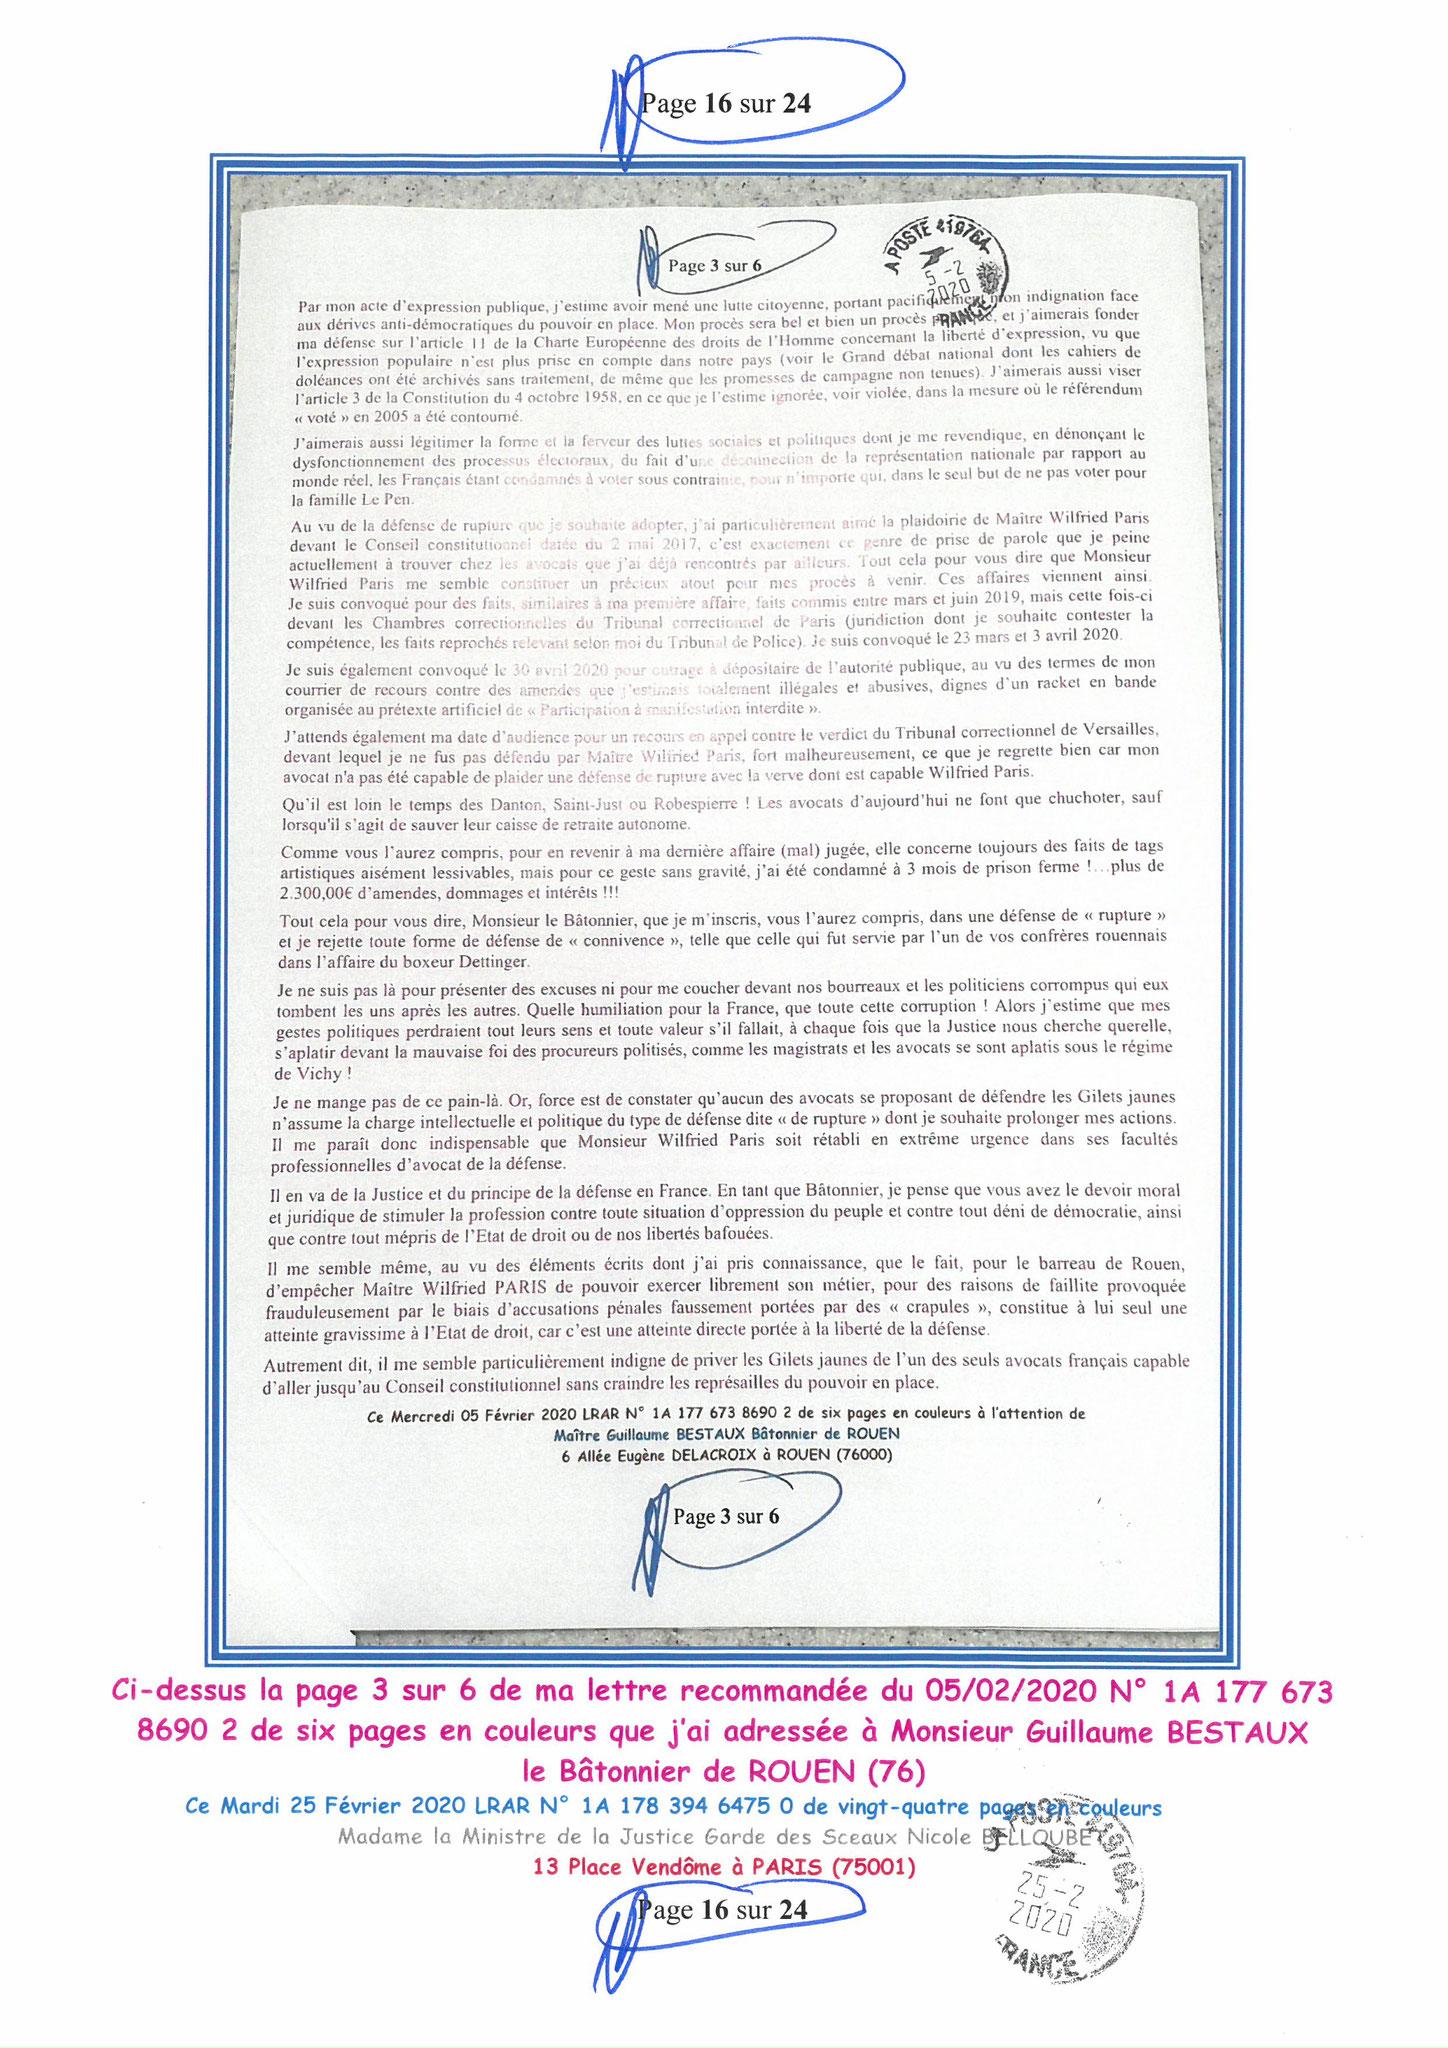 Ma LRAR à Madame Nicole BELLOUBET la Ministre de la Justice N0 1A 178 394 6475 0 Page 16 sur 24 en couleur  www.jesuispatrick.com